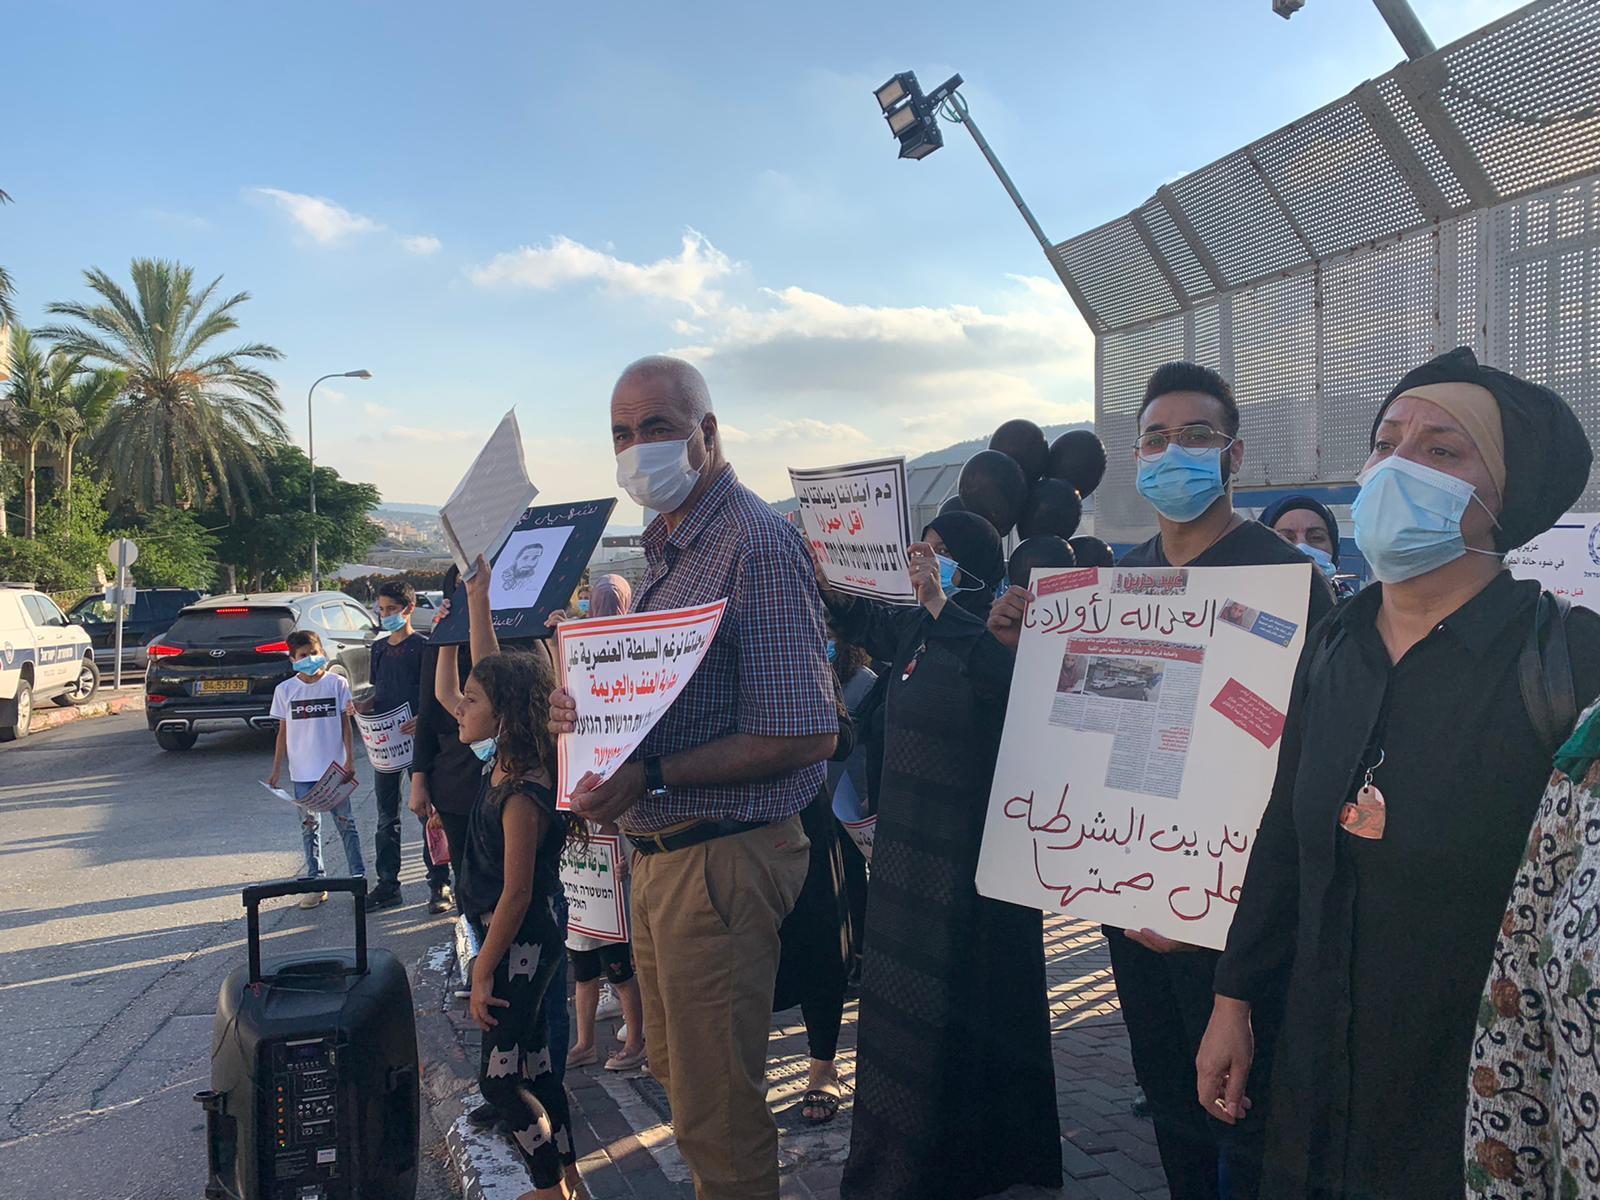 أم الفحم: وقفة احتجاجية ضد العنف والجريمة أمام مركز الشرطة